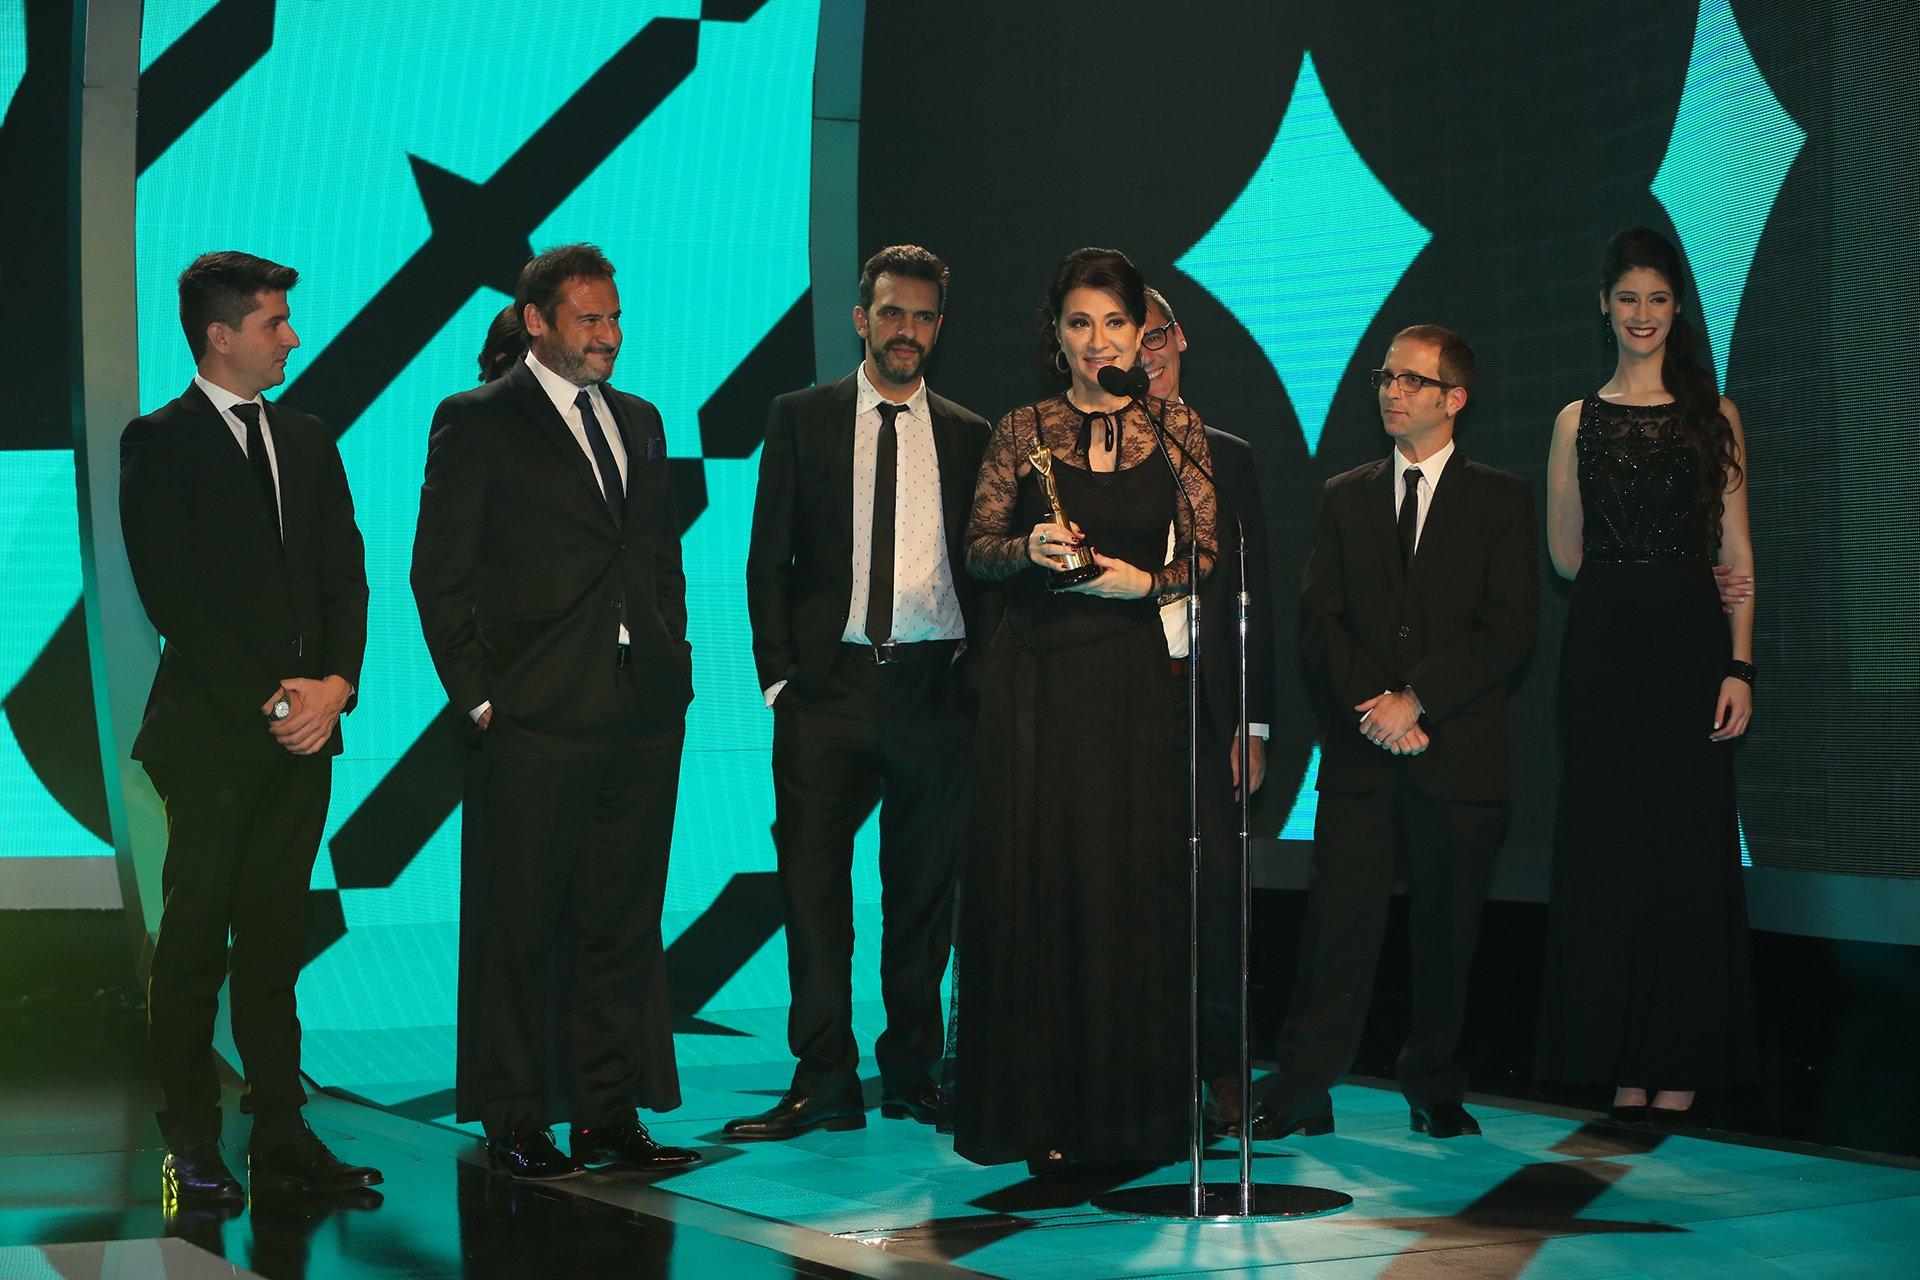 Telenoche, otra vez, ganó el Martín Fierro 2016 como Mejor Noticiero. La periodista María Laura Santillán encabeza los agradecimientos por el premio.